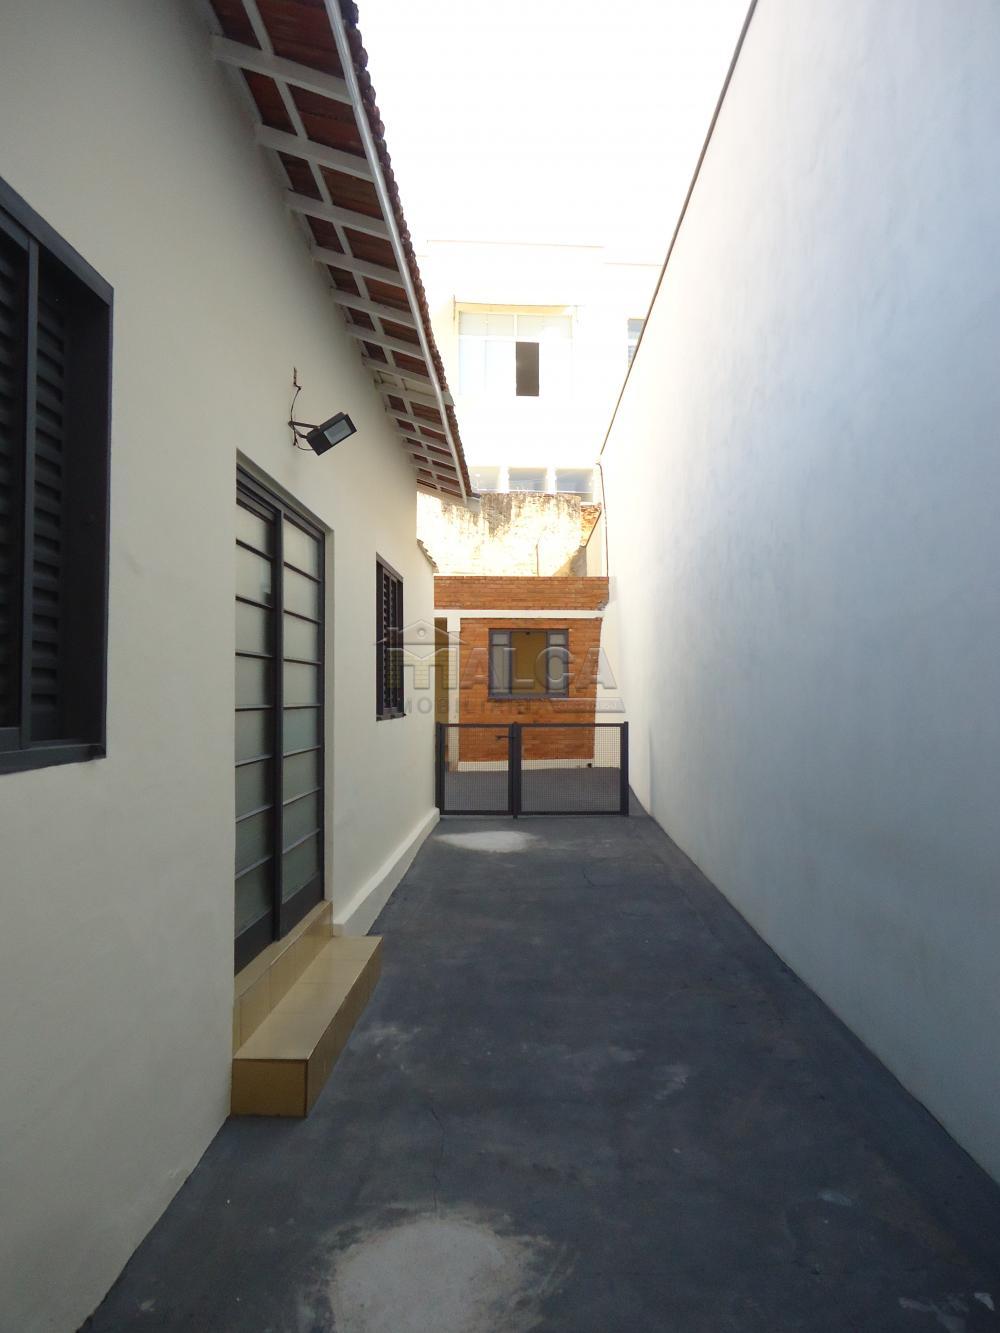 Alugar Casas / Padrão em São José do Rio Pardo R$ 2.000,00 - Foto 36